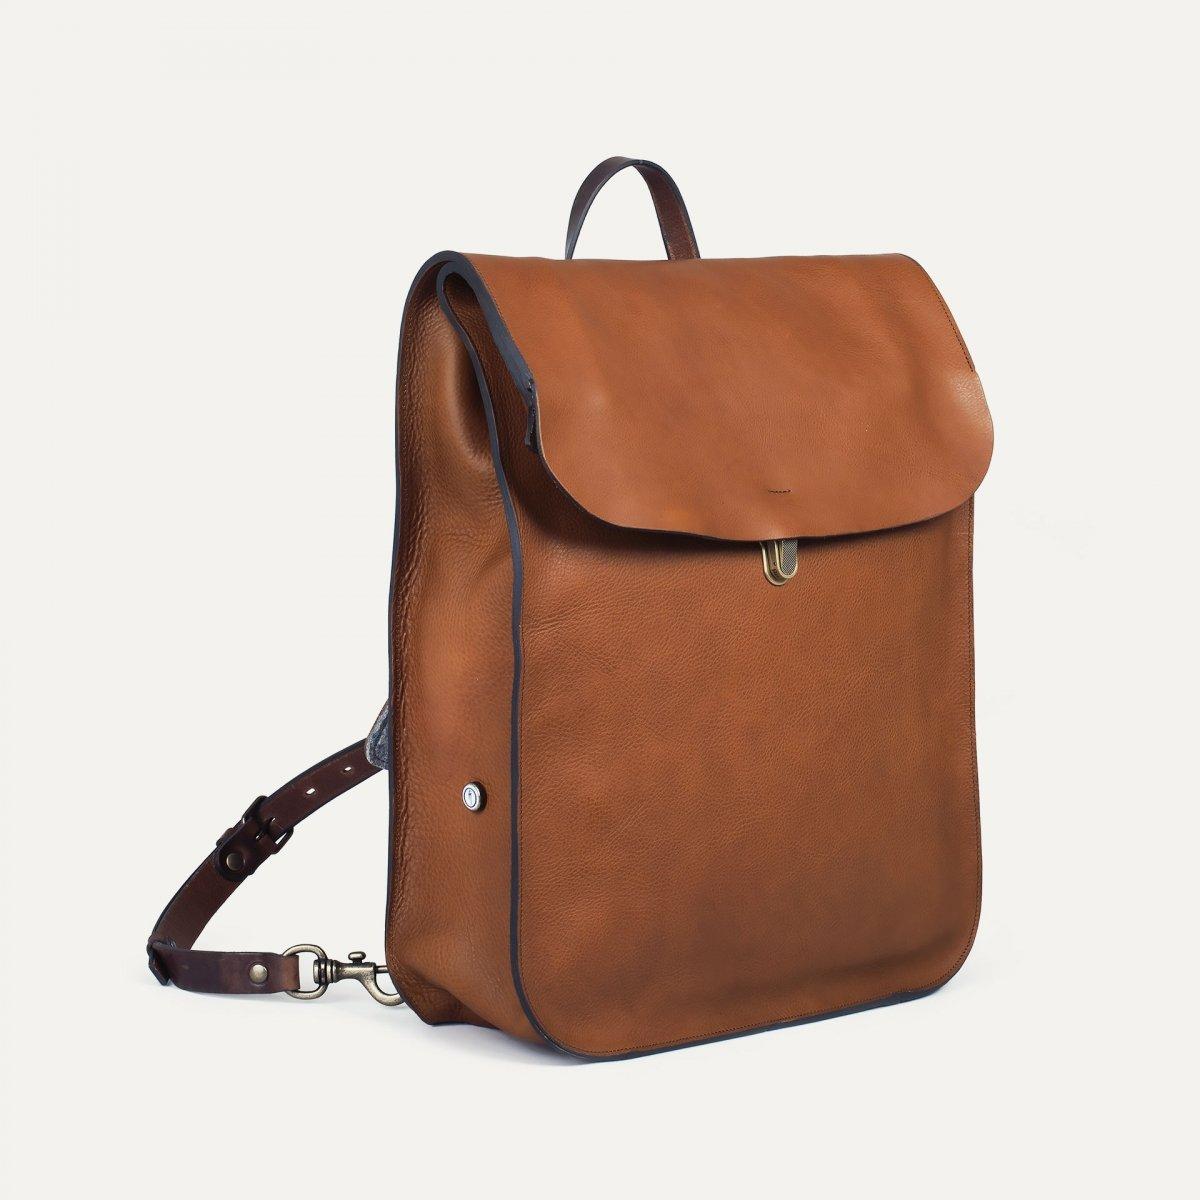 Arlo leather backpack - Cuba Libre / E Pure (image n°2)